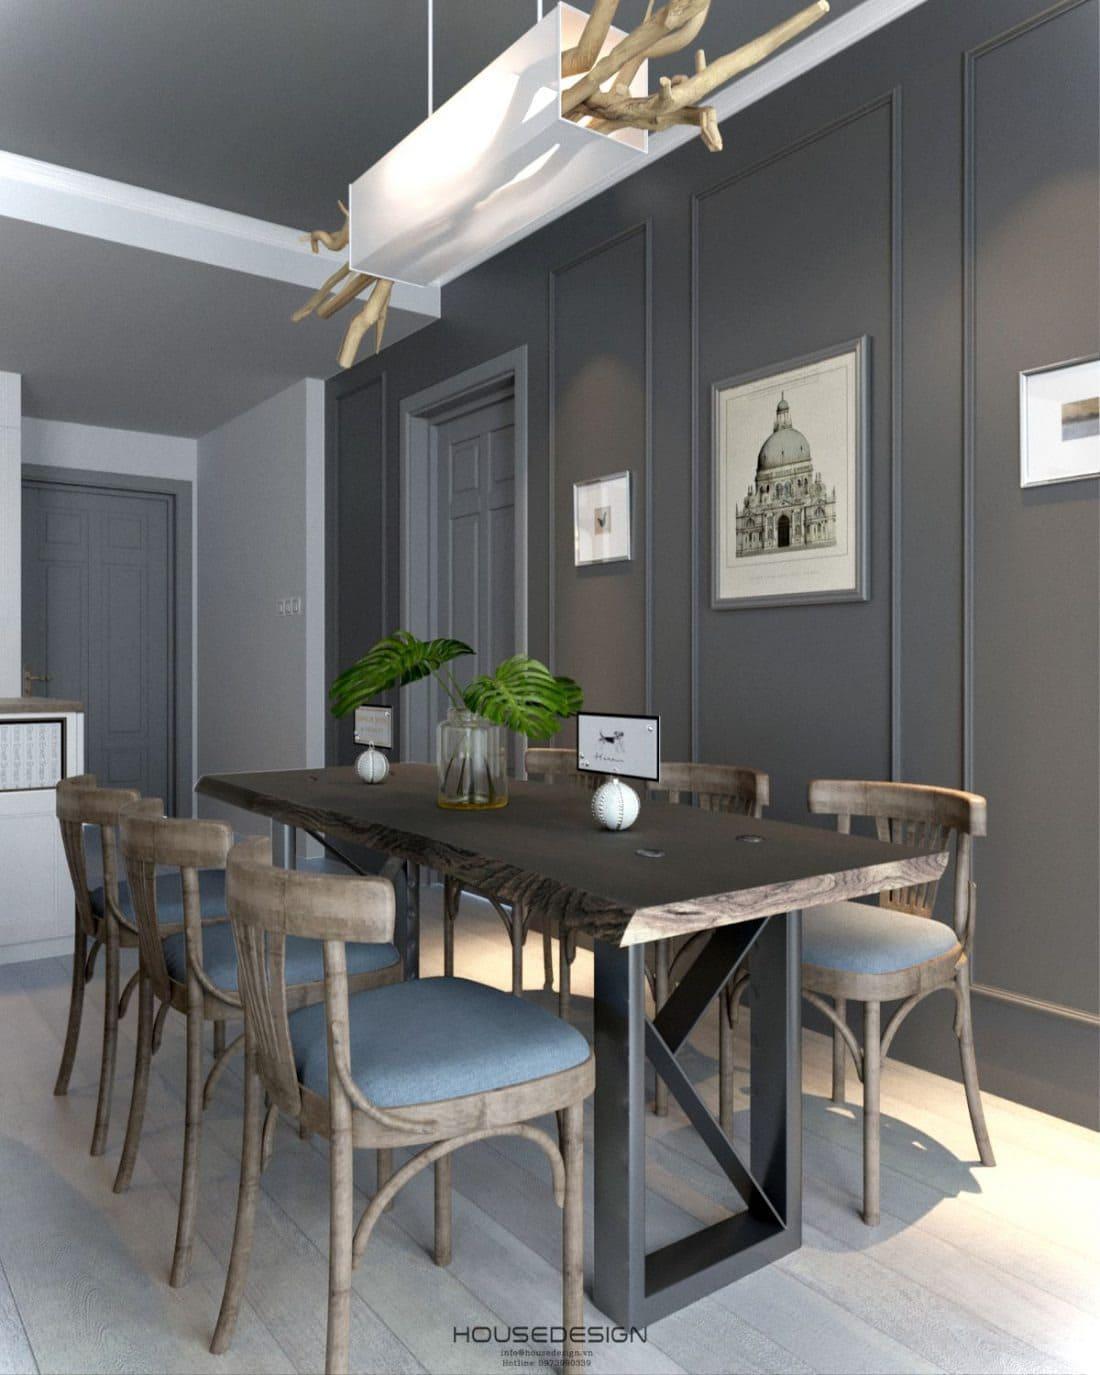 thiết kế nội thất chung cư 2 phòng ngủ hiện đại, sang trọng